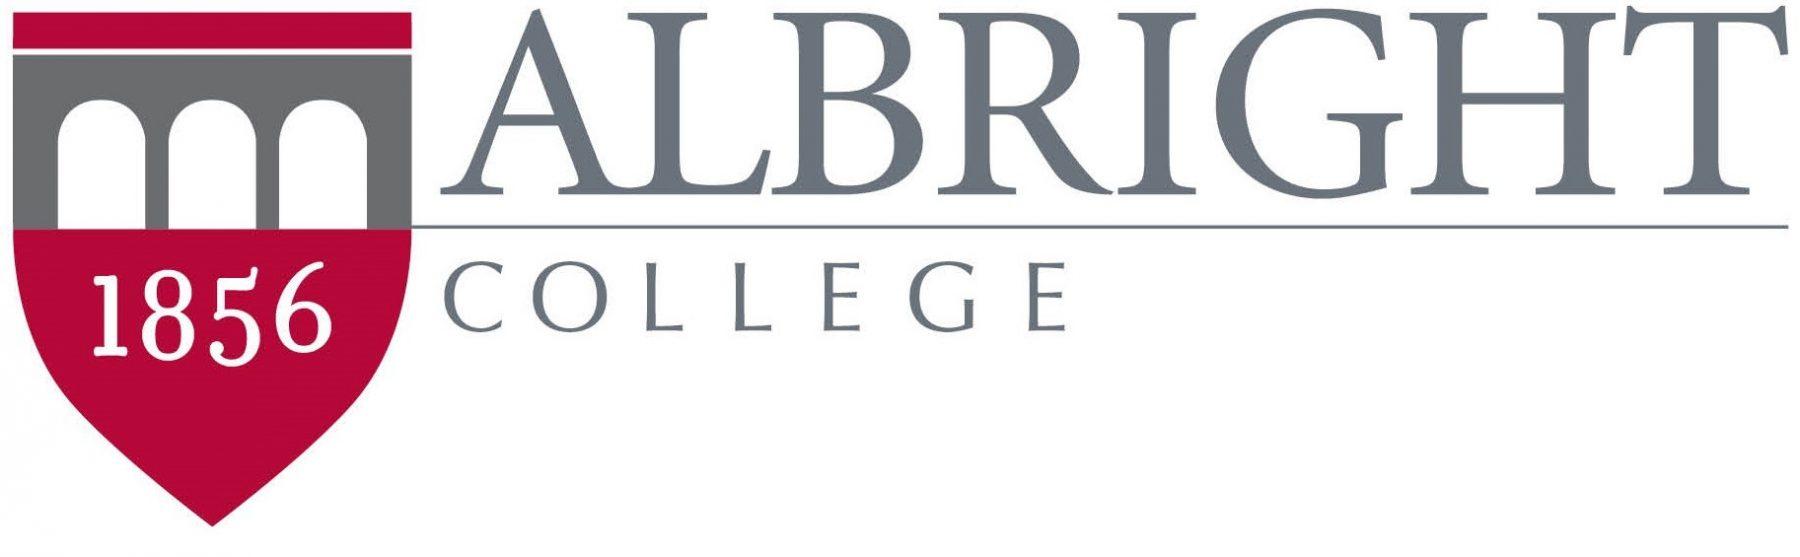 albright-college-logo-red-gray-white